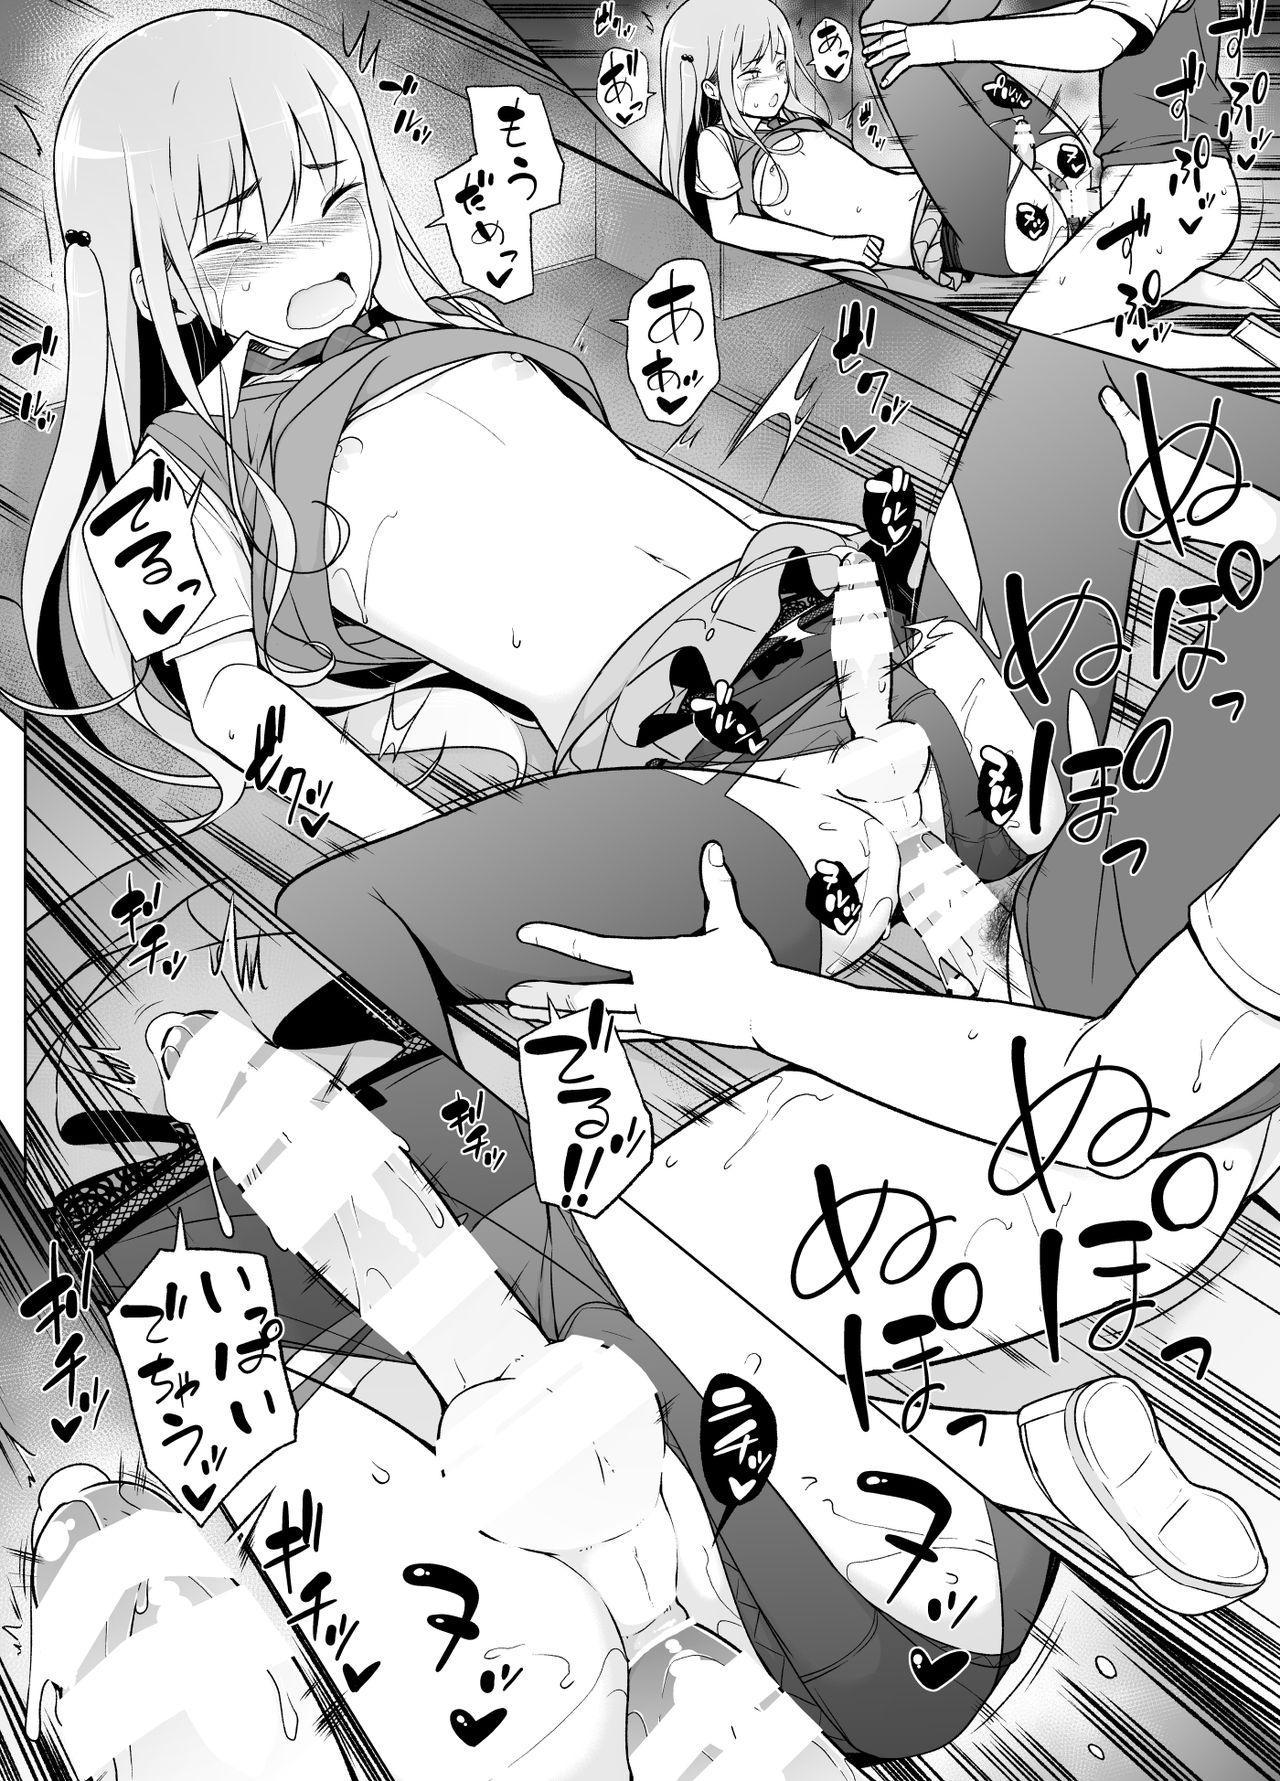 Gouman Seitokaichou ga Josou o Shitara 38